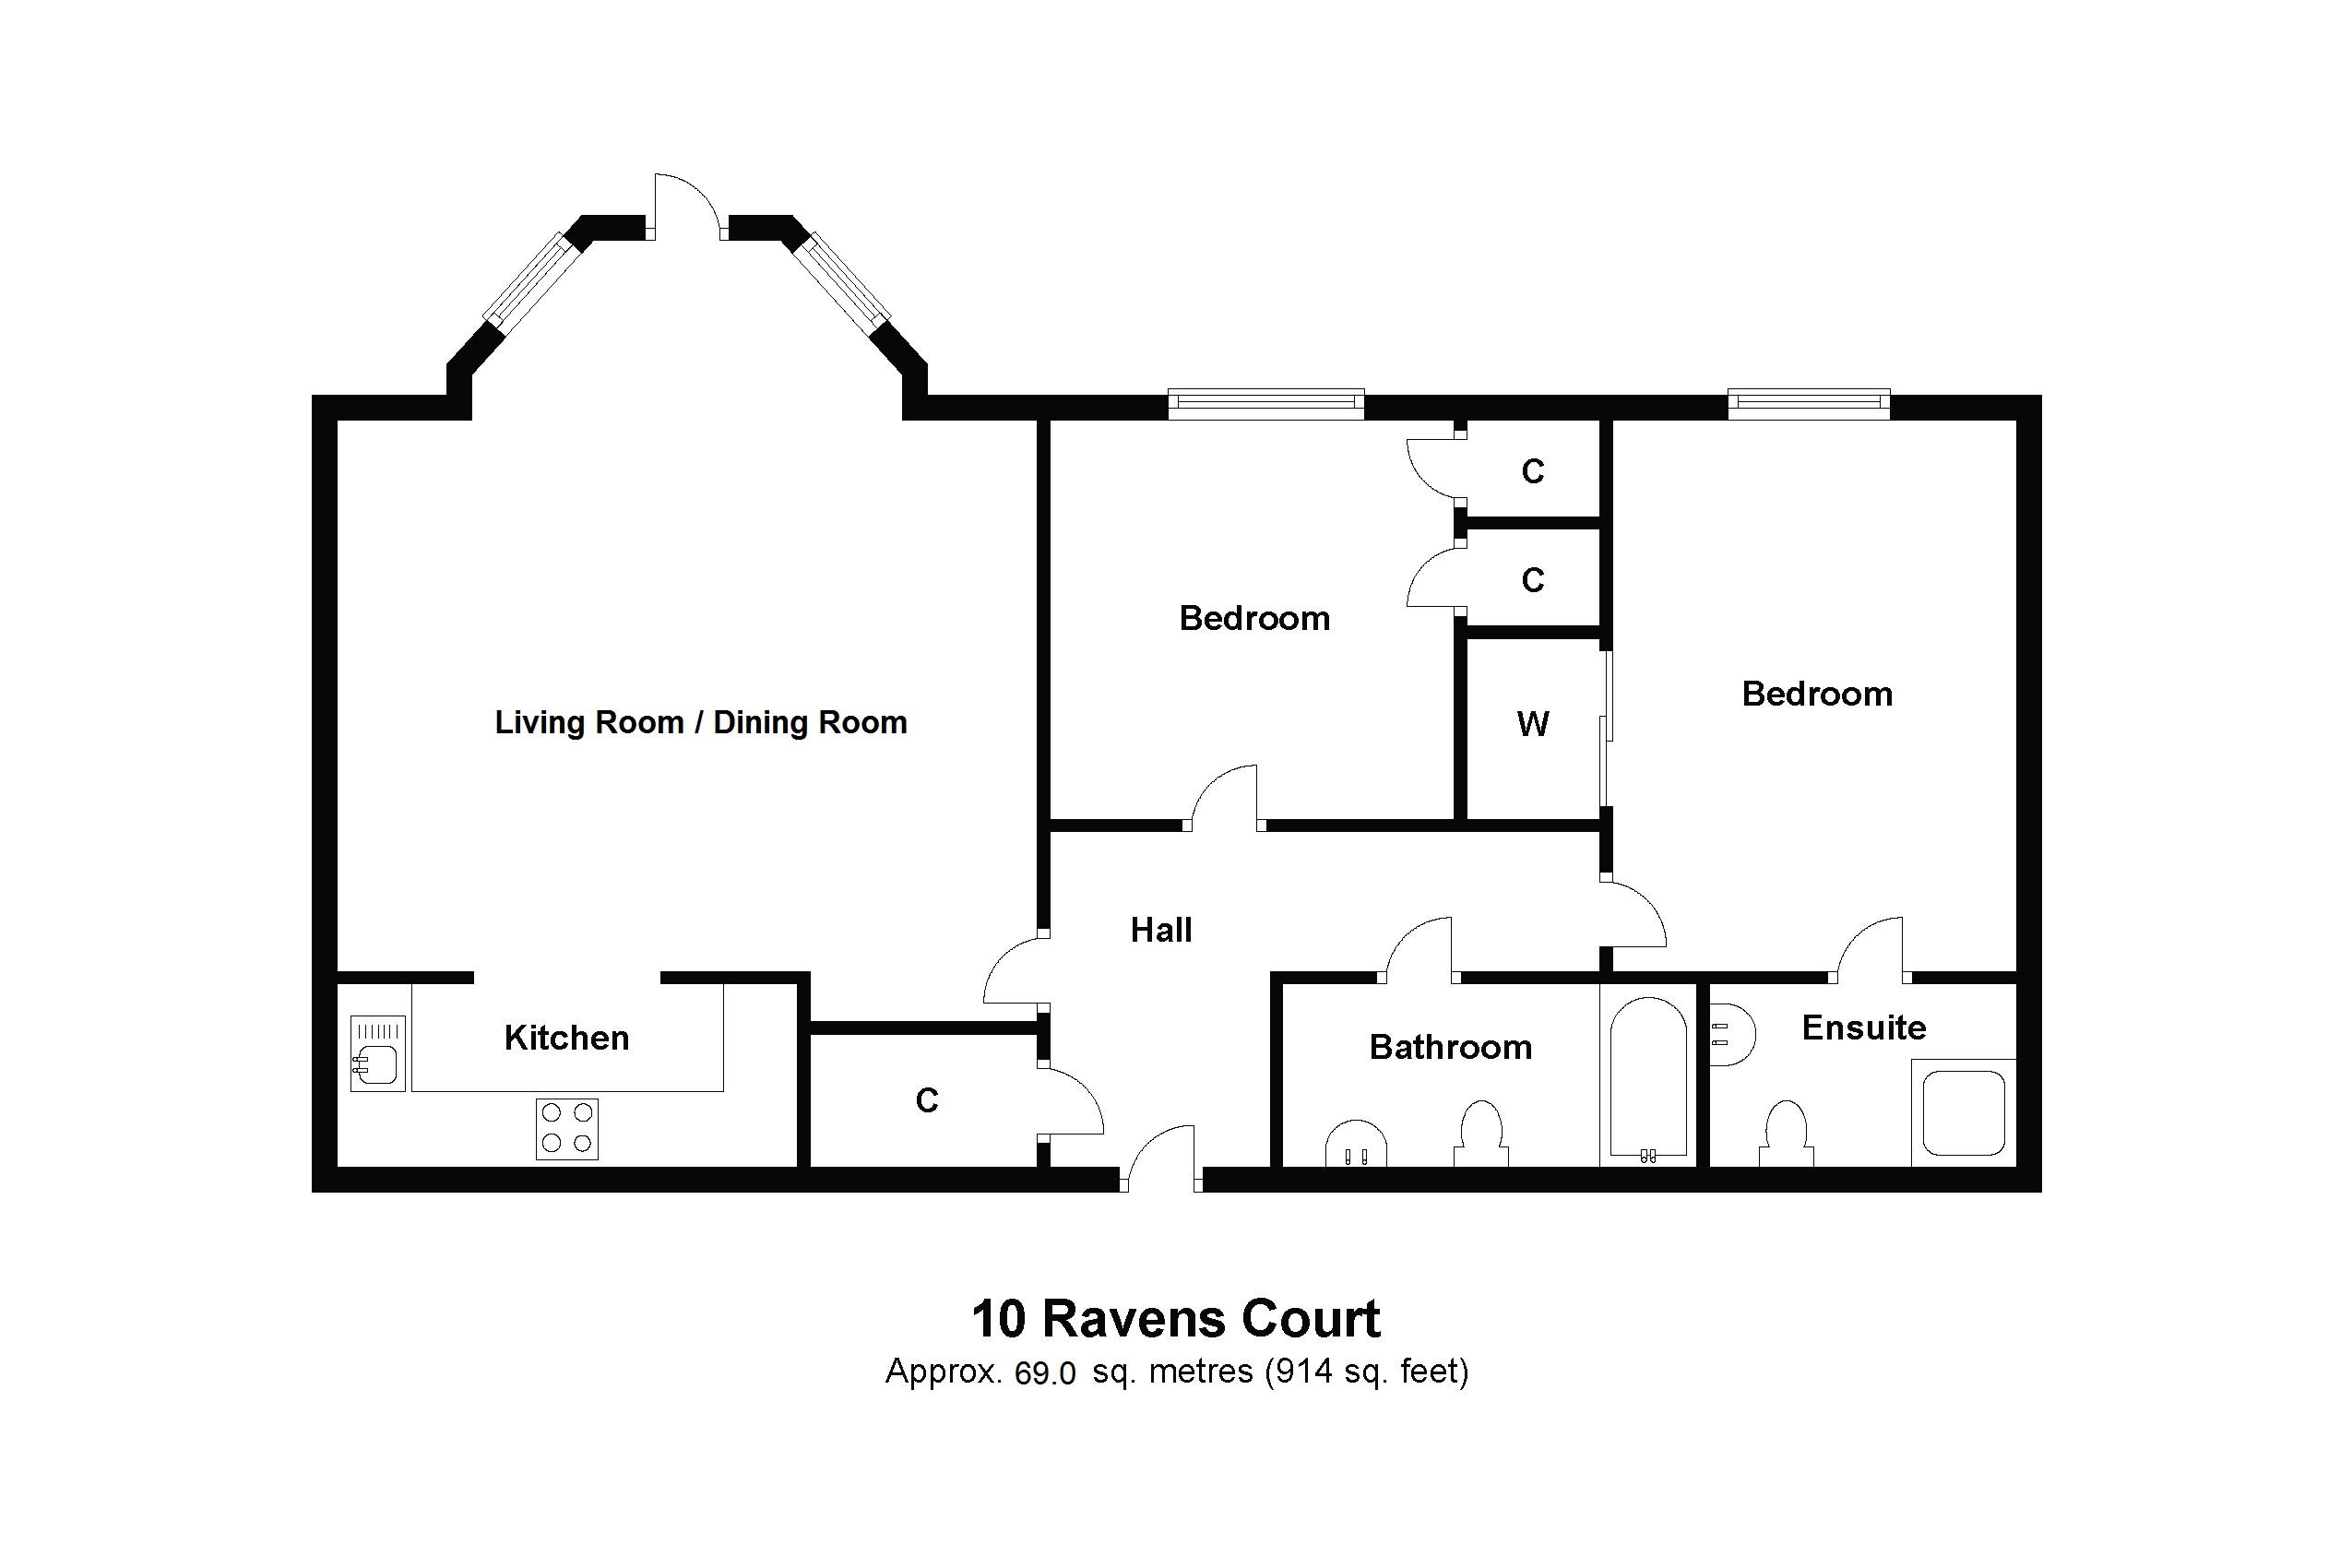 10 Ravens Court Floorplan